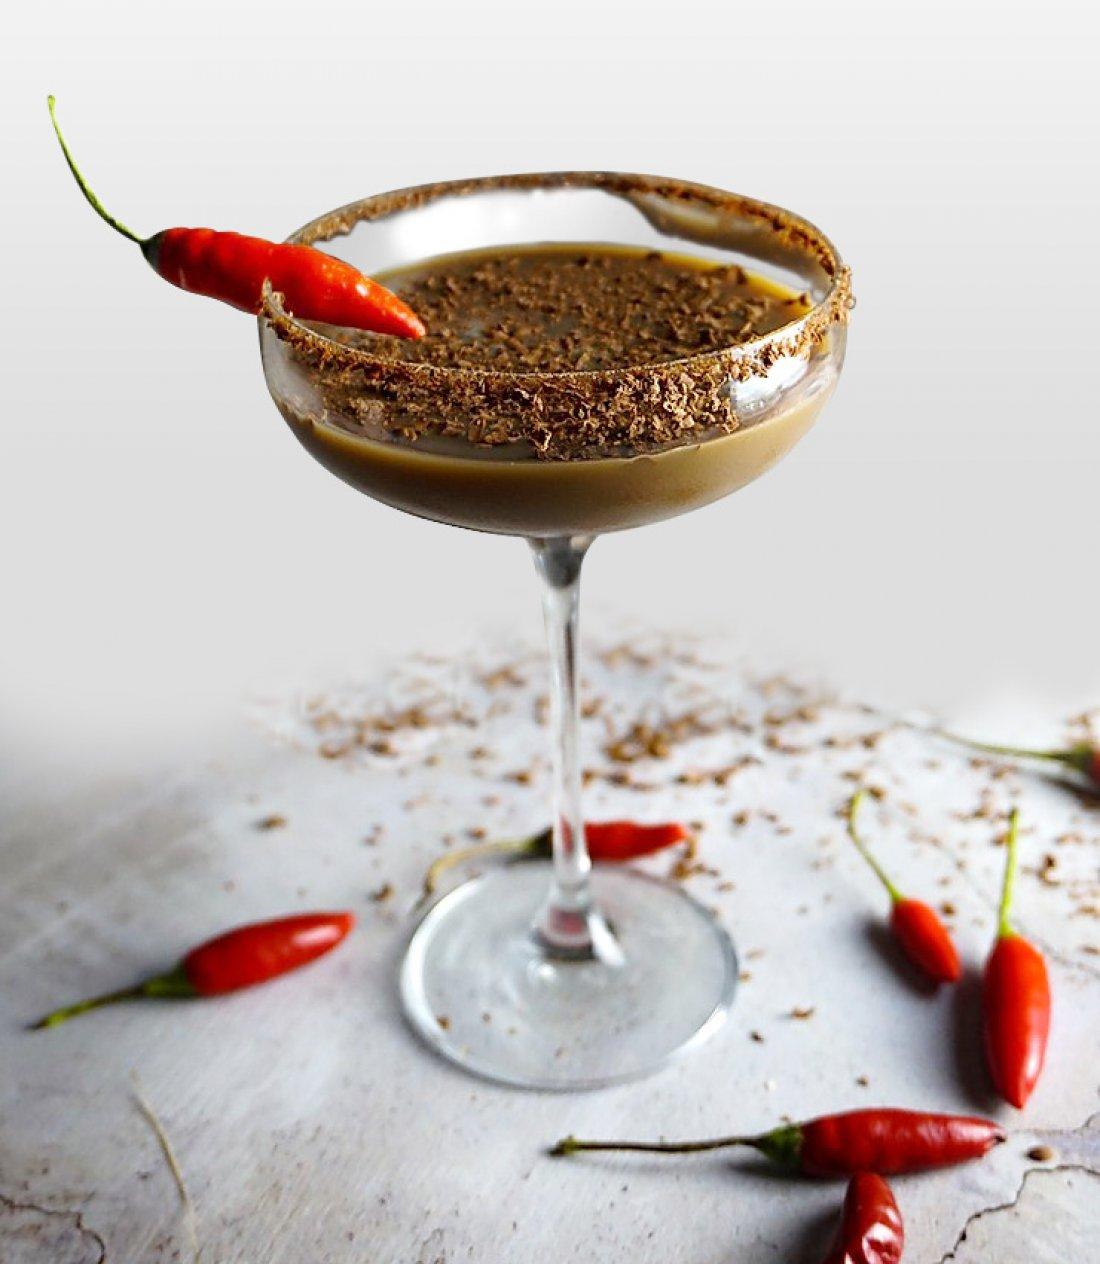 Choc Chilli Espresso Martini Vegan Cocktail Recipes Castle Glen Australia